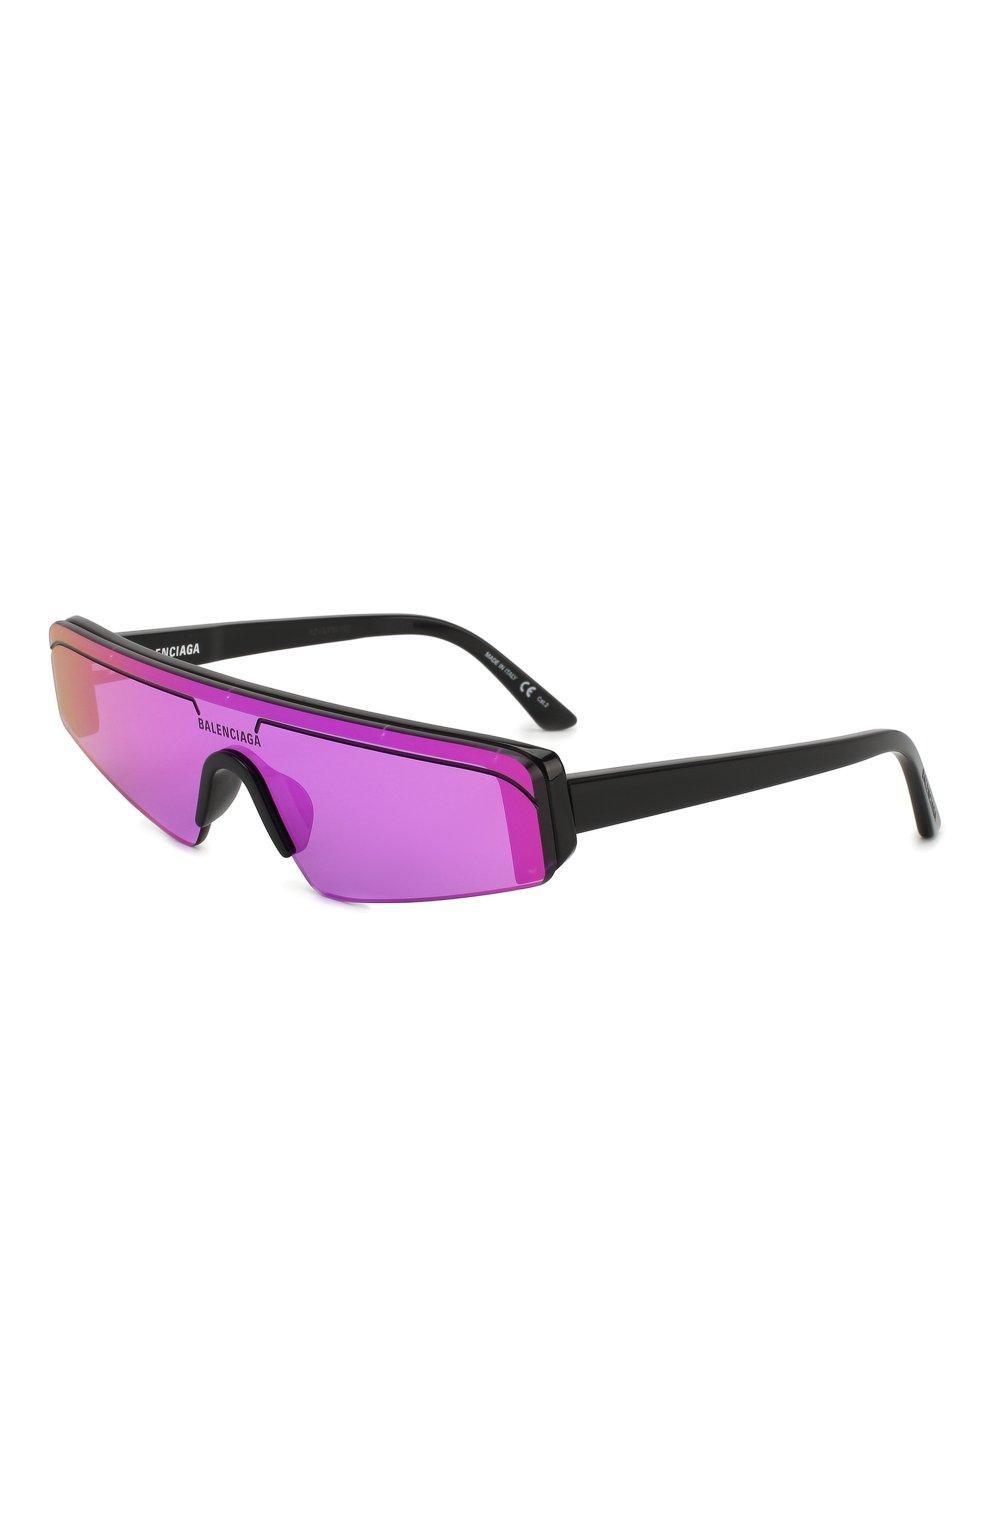 Женские солнцезащитные очки BALENCIAGA фиолетового цвета, арт. BB0003 003 | Фото 1